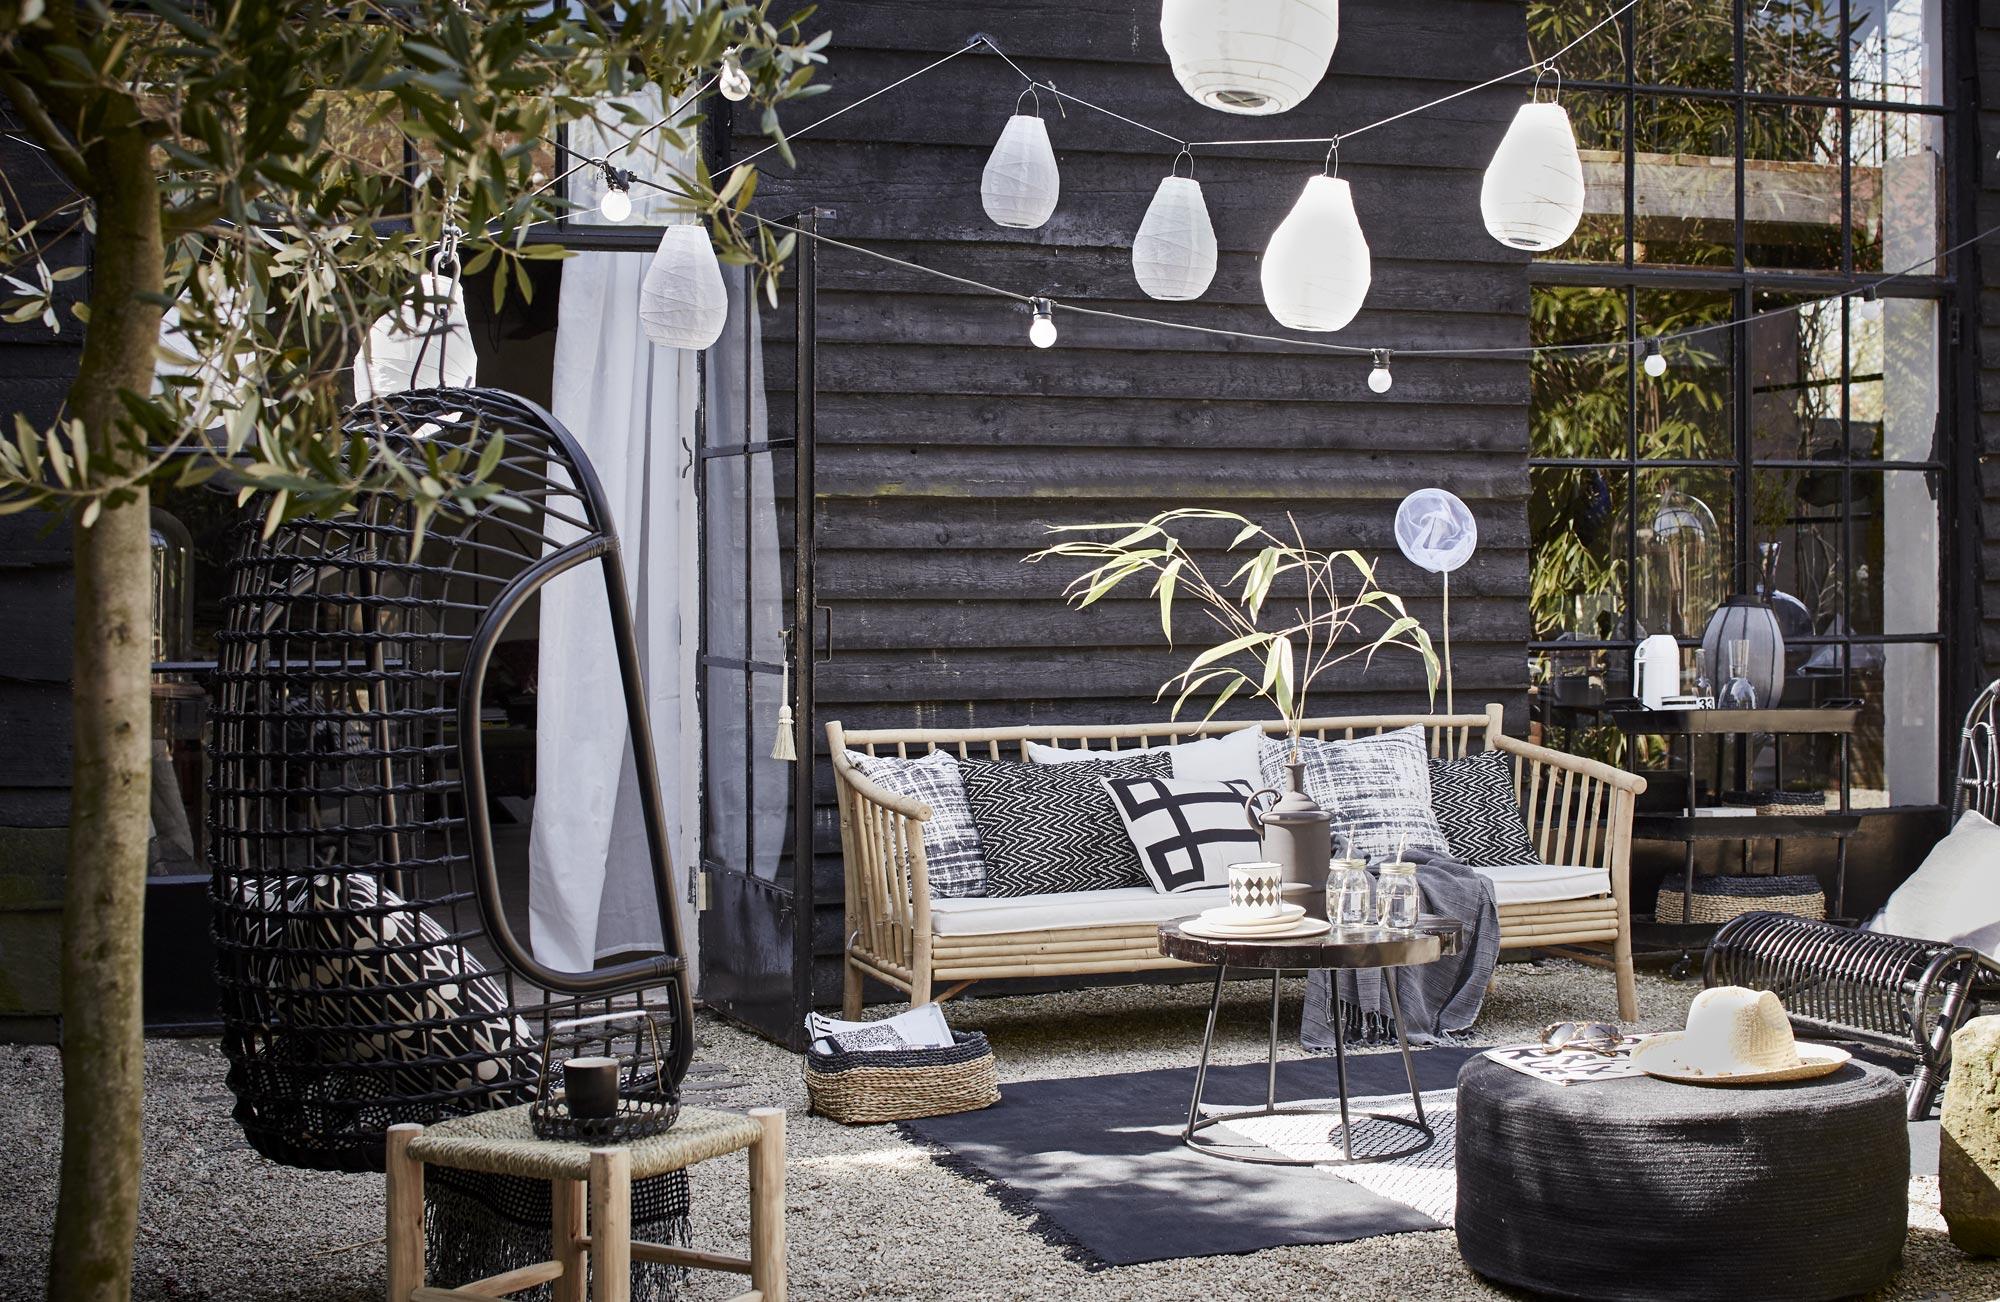 Shop de look: een hangstoel